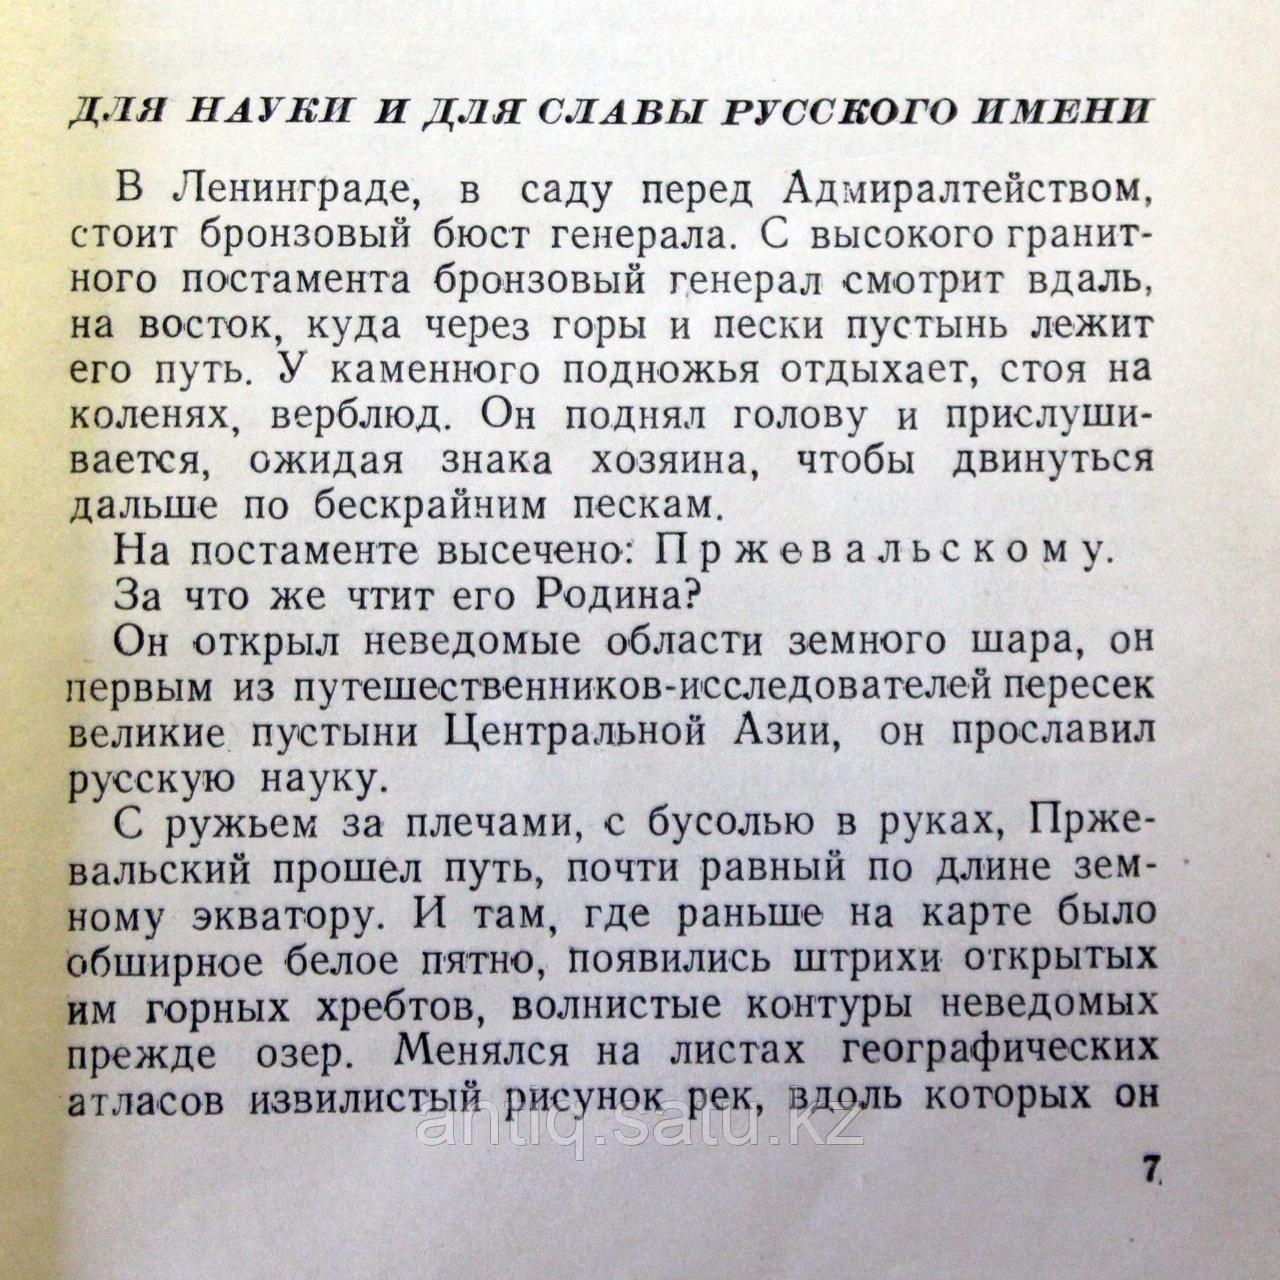 Пржевальский Редкая старая книга о Путешествиях по Центральной Азии. - фото 7